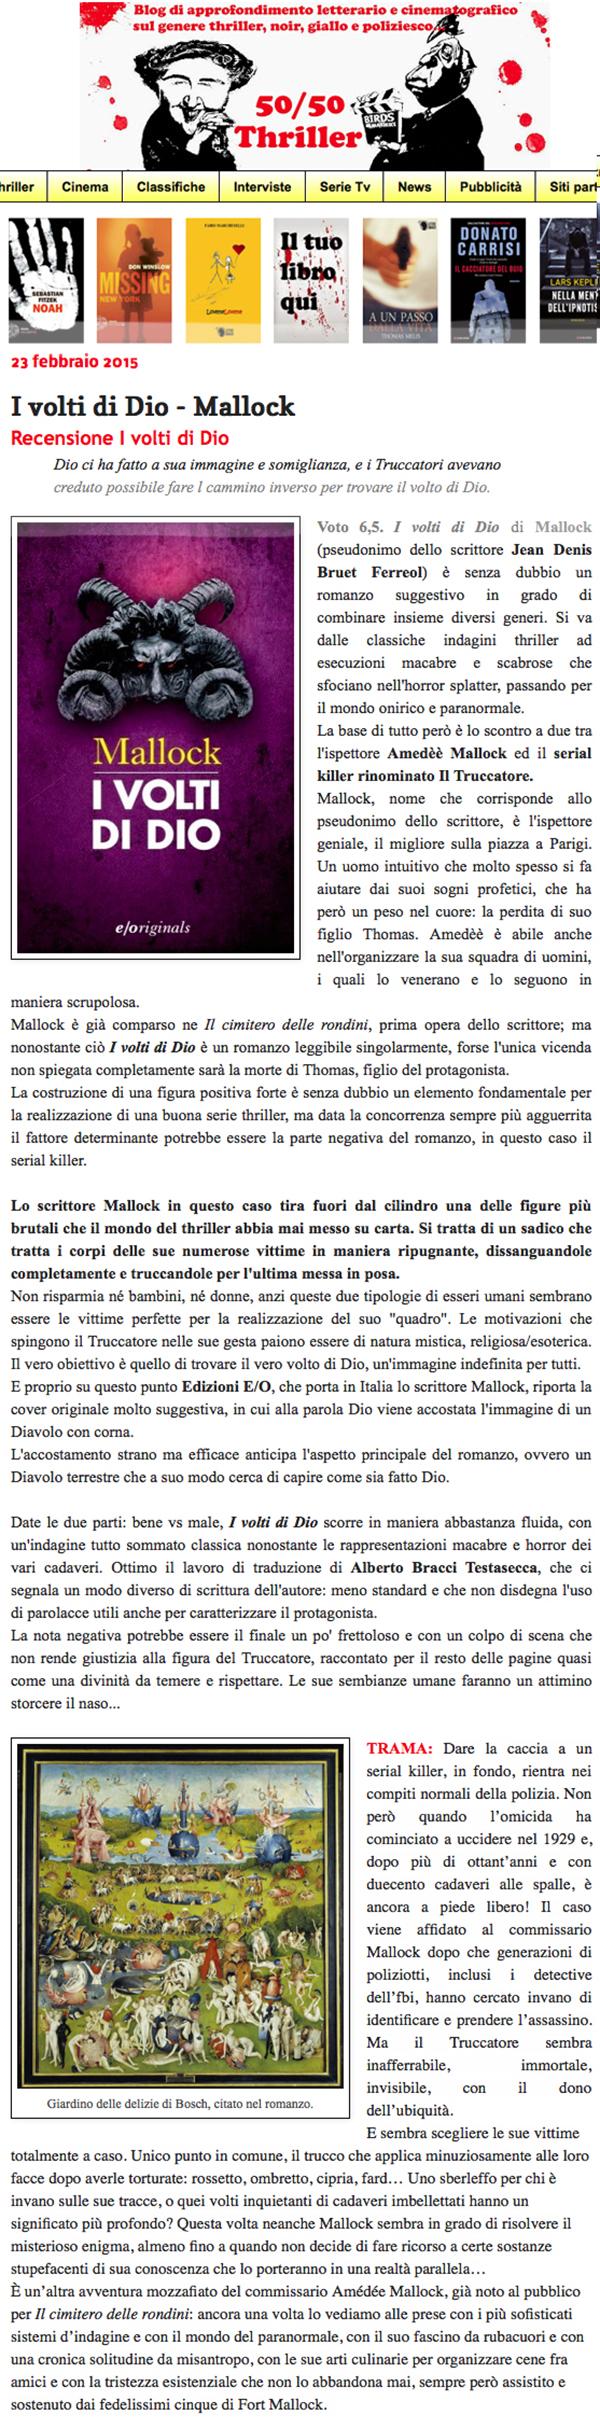 I volti di Dio - Mallock | 50/50 Thriller